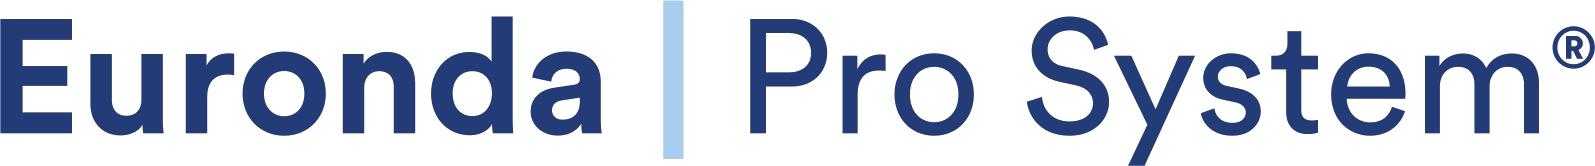 euronda_prosystem_2c_blau_zeile_transparent